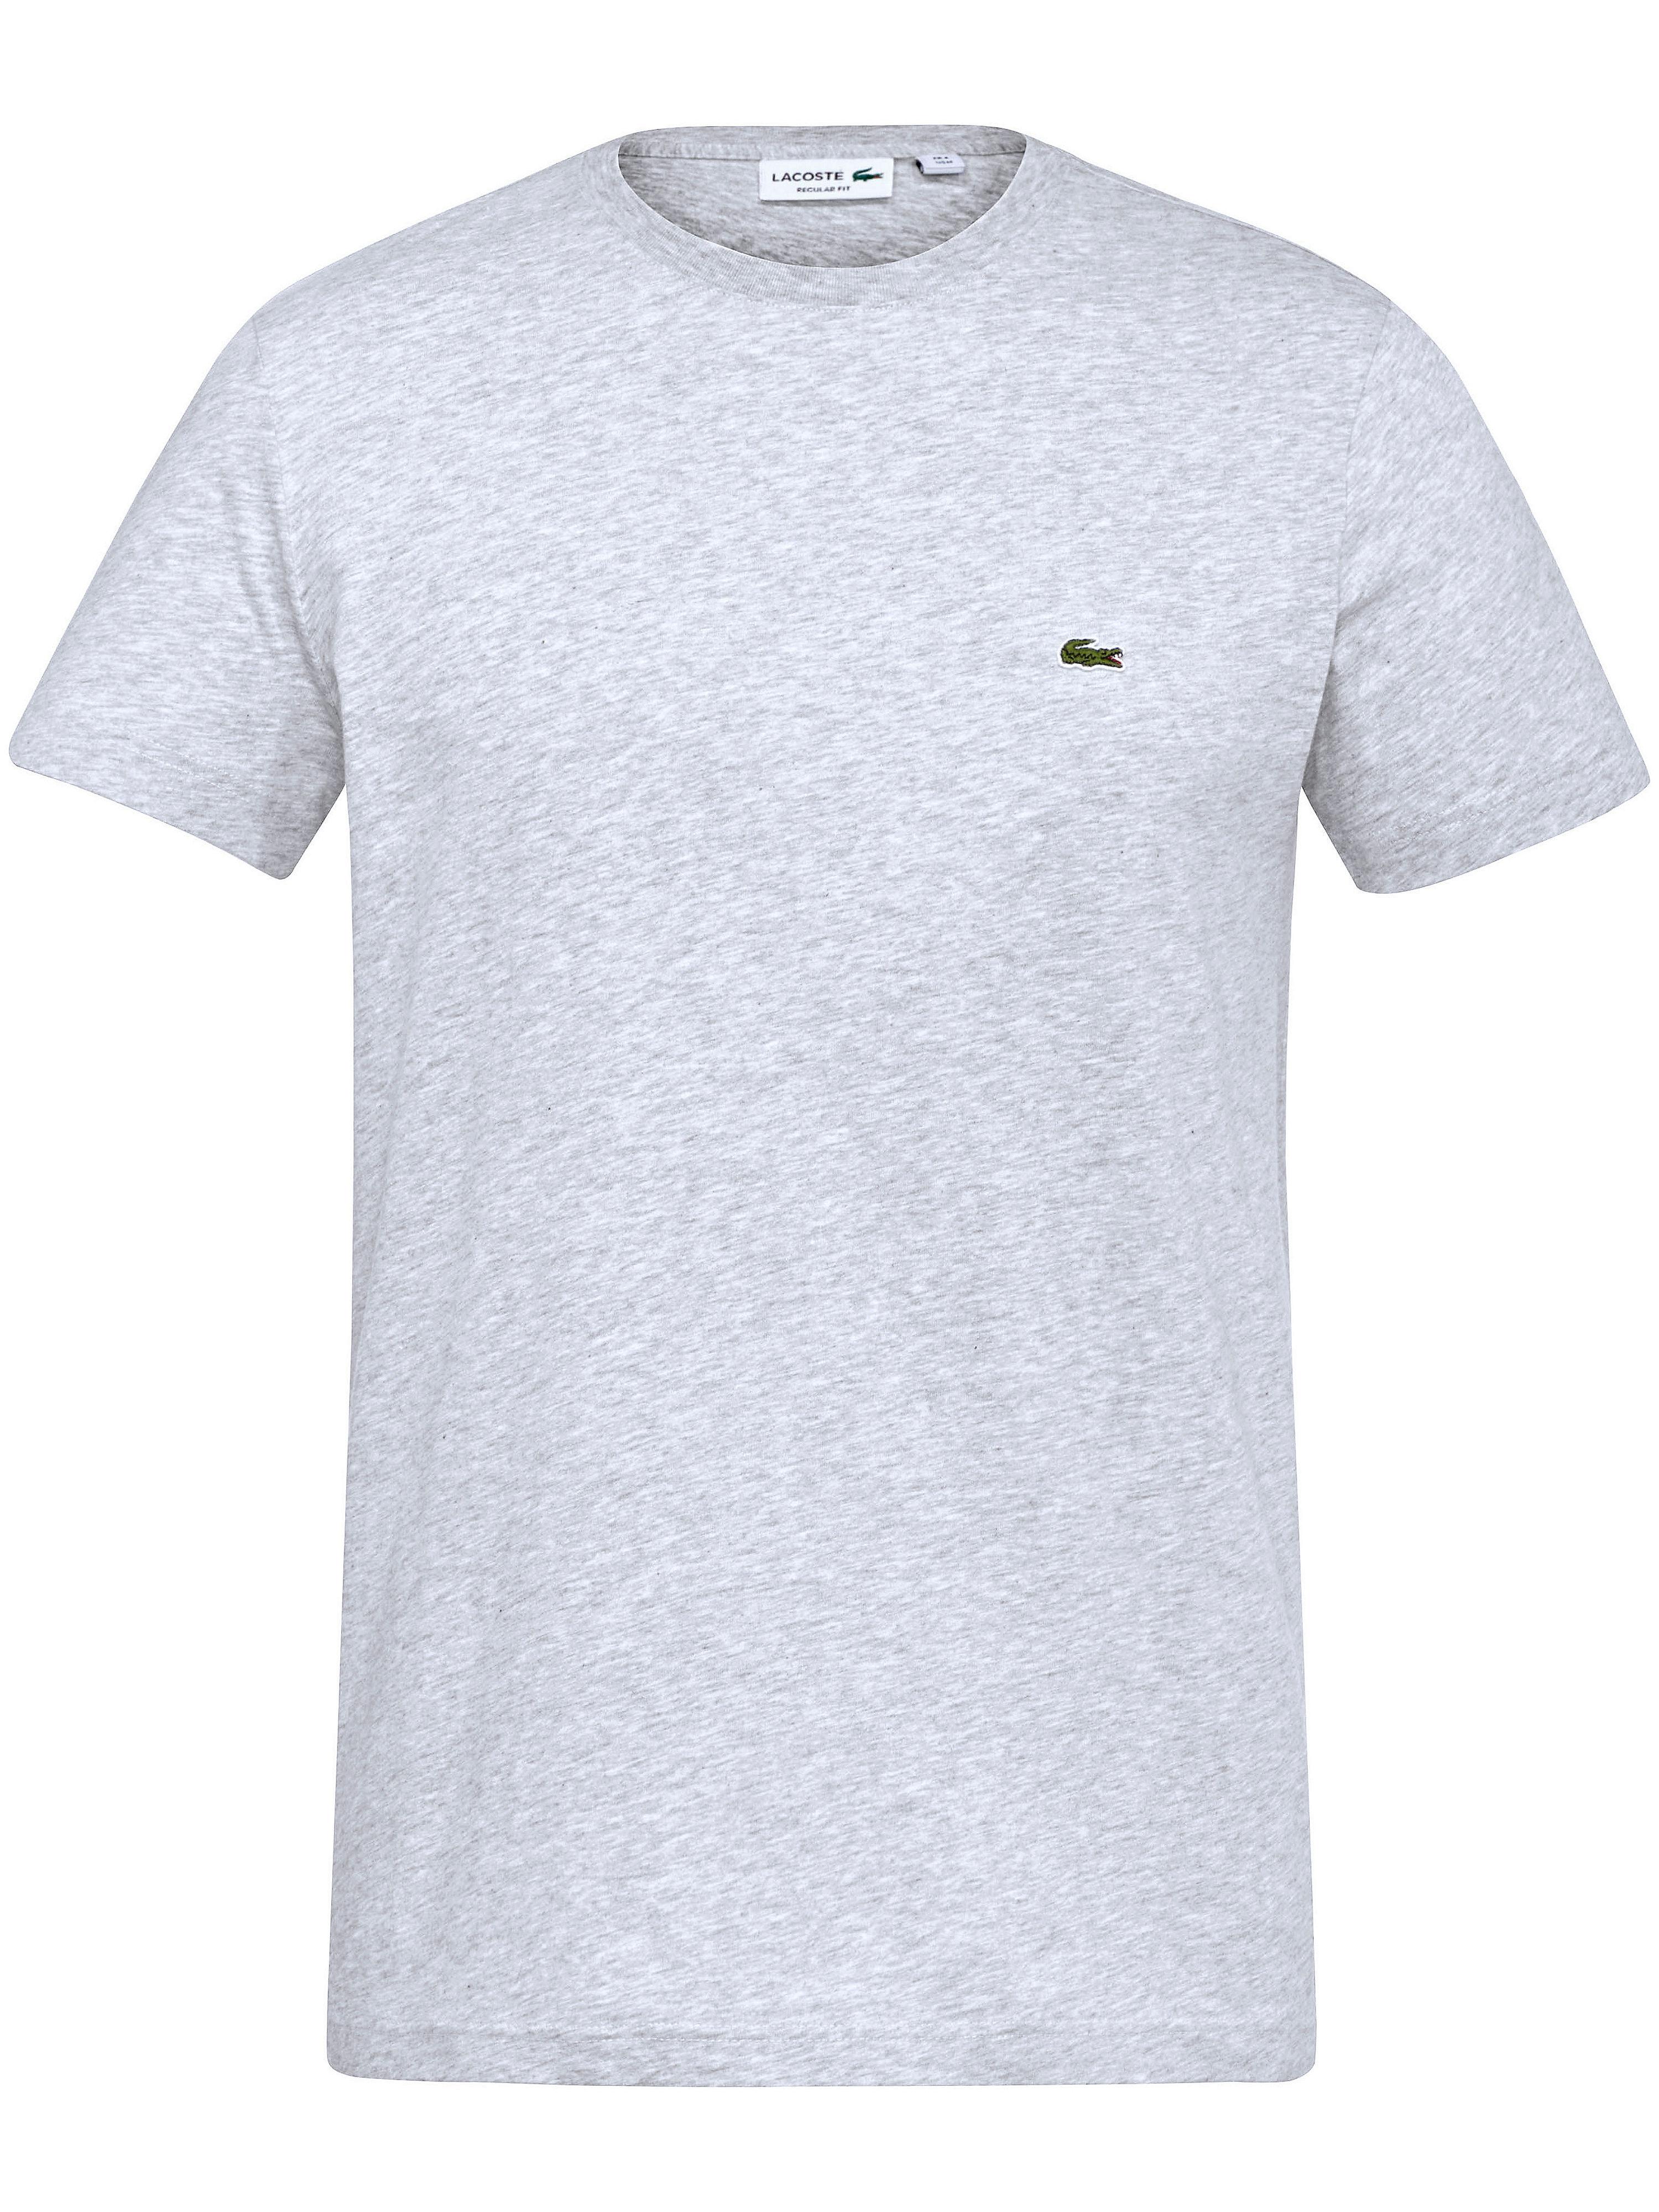 Le T-shirt  Lacoste gris taille 52